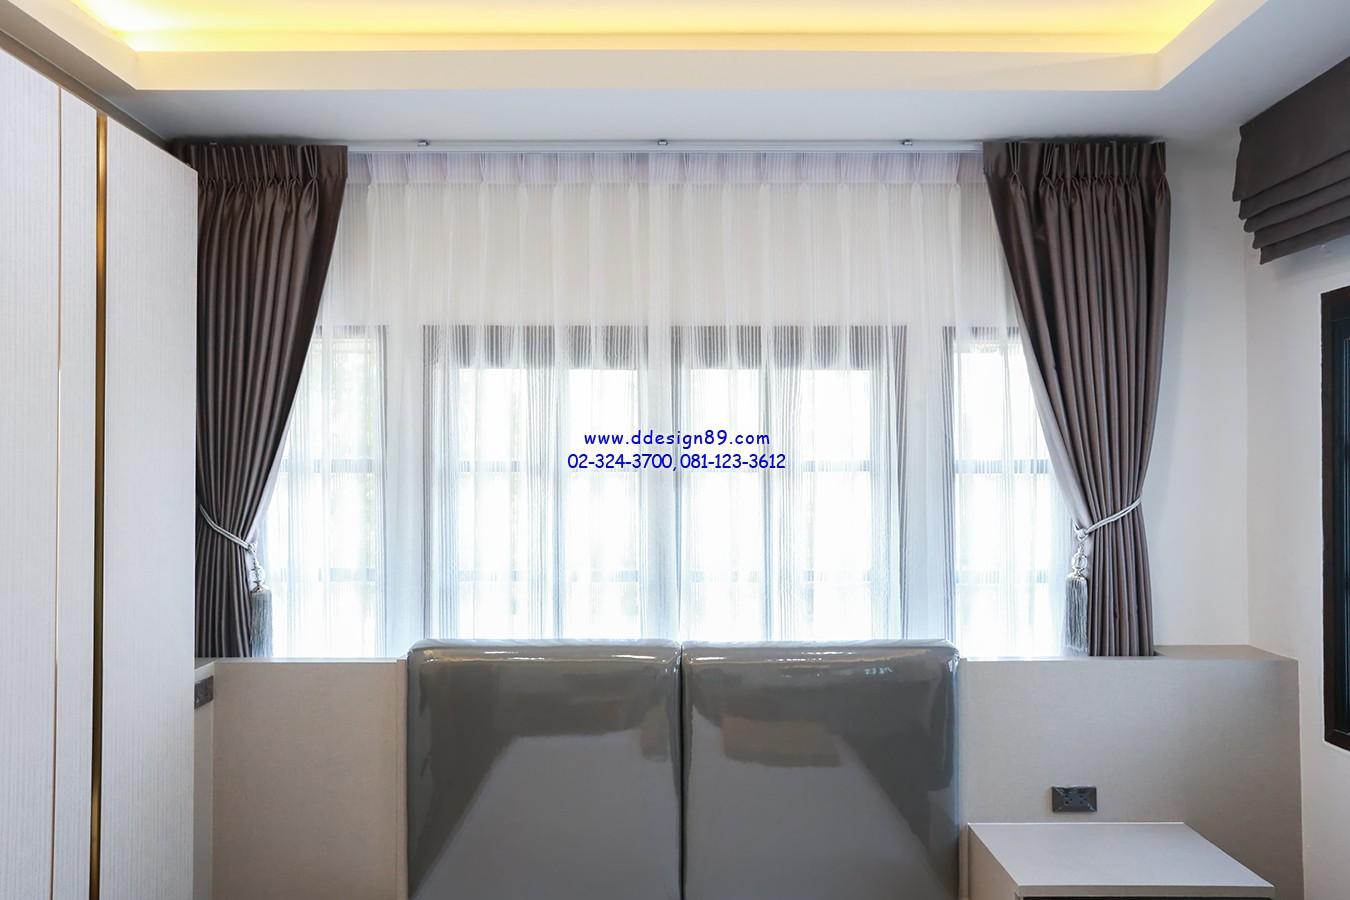 ม่านติดในห้องนอน ห้องเรียบหรูด้วยม่านจีบสวยงาม และผ้าโปร่งกรองแสงสบายตา